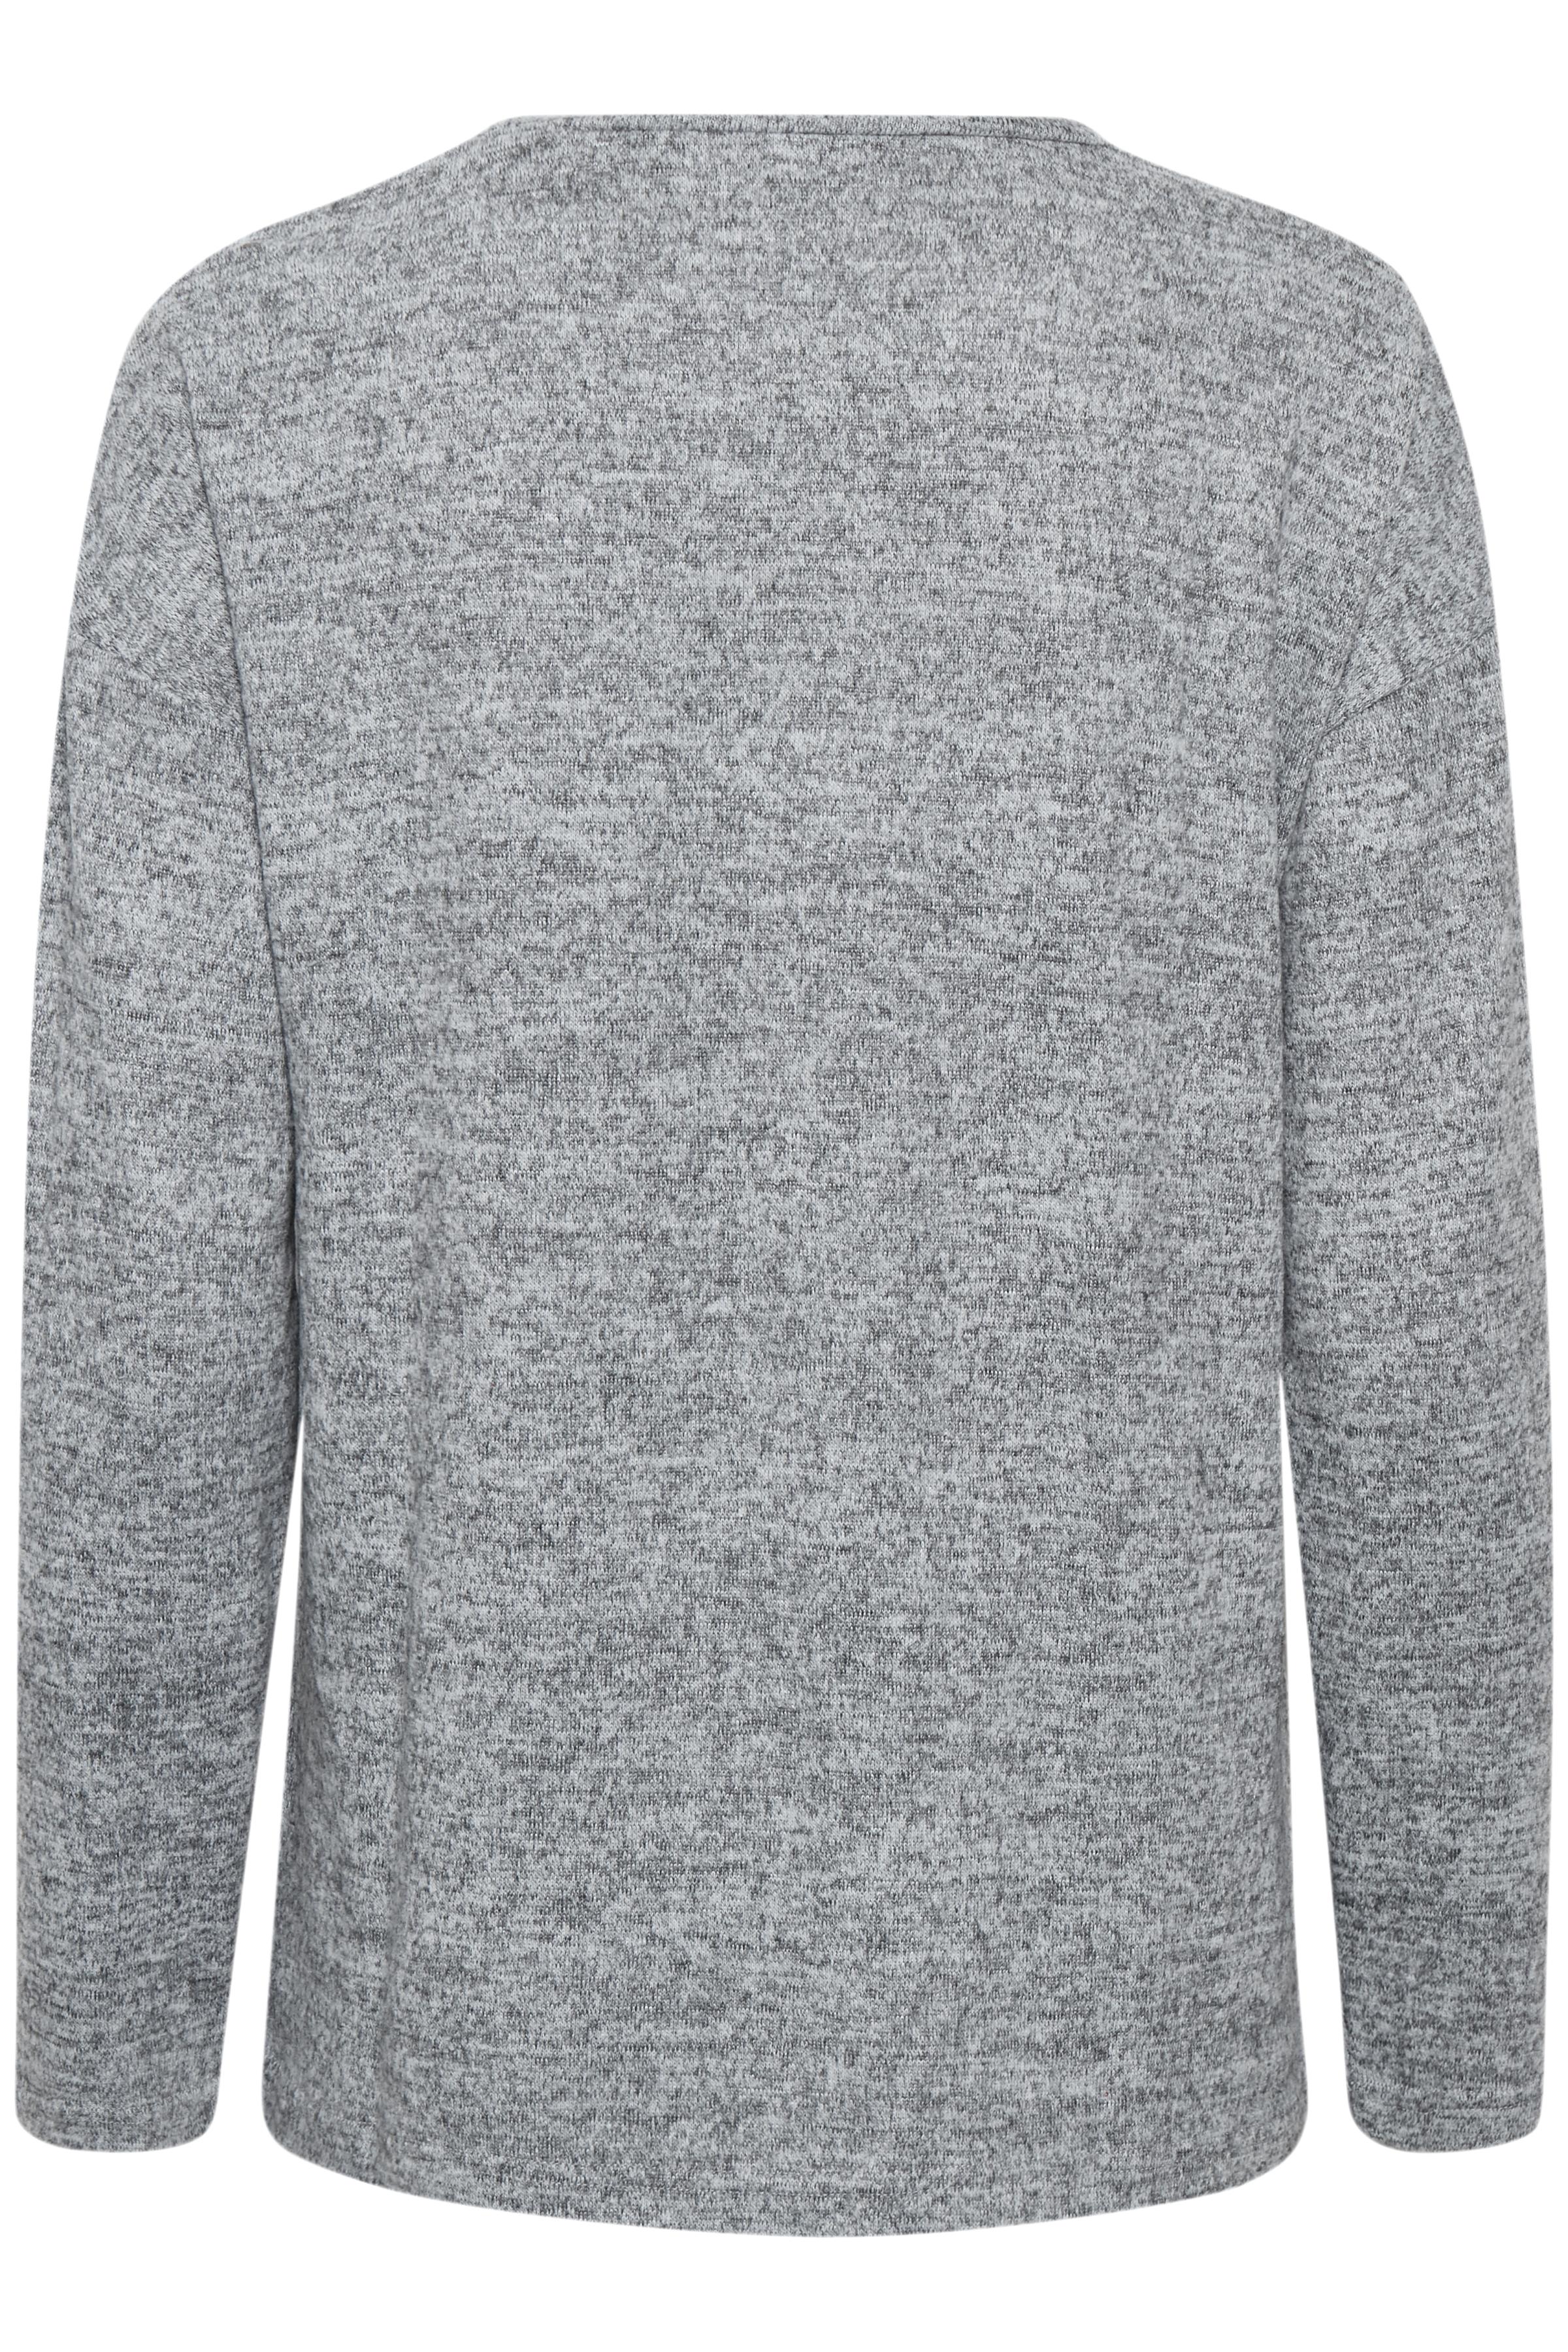 Med. Grey Mel. Langarm-Bluse von b.young – Kaufen Sie Med. Grey Mel. Langarm-Bluse aus Größe XS-XXL hier